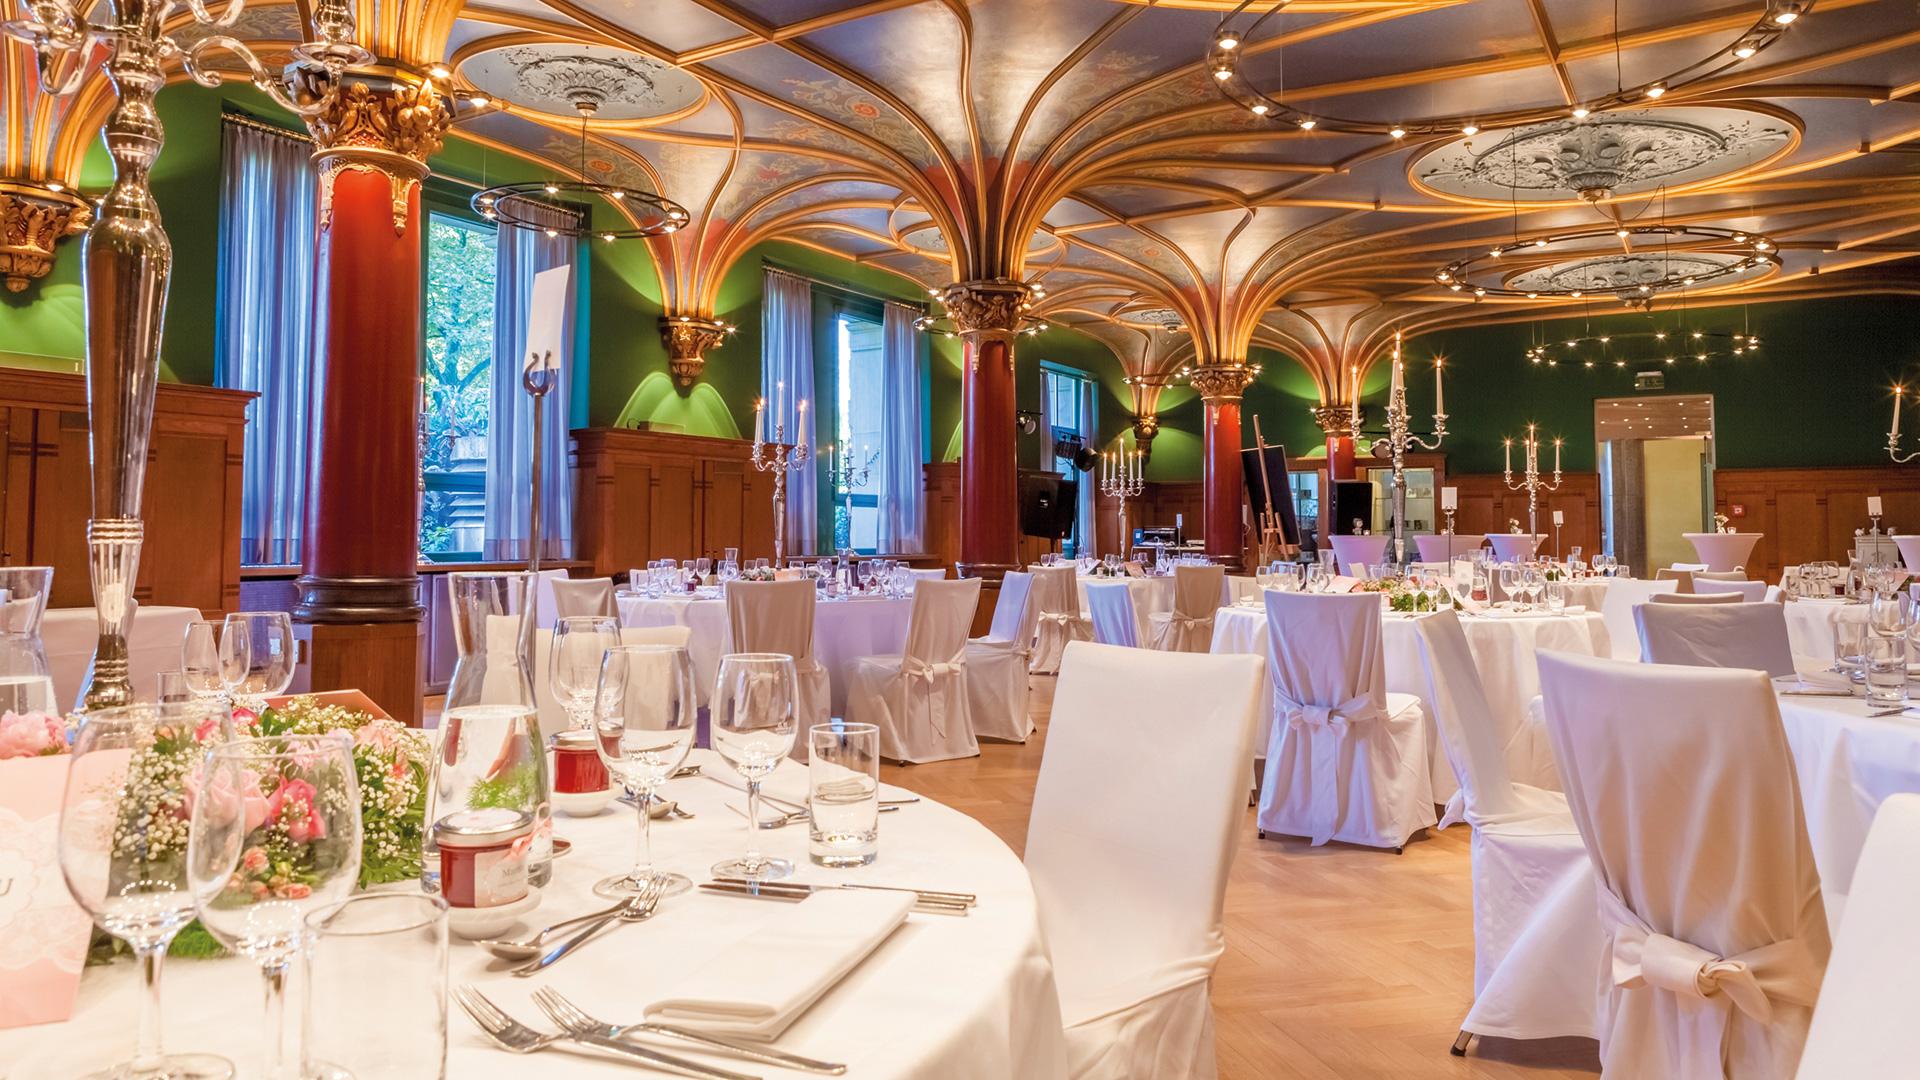 Historische Stadthalle Wuppertal Hochzeitslocations Fiylo